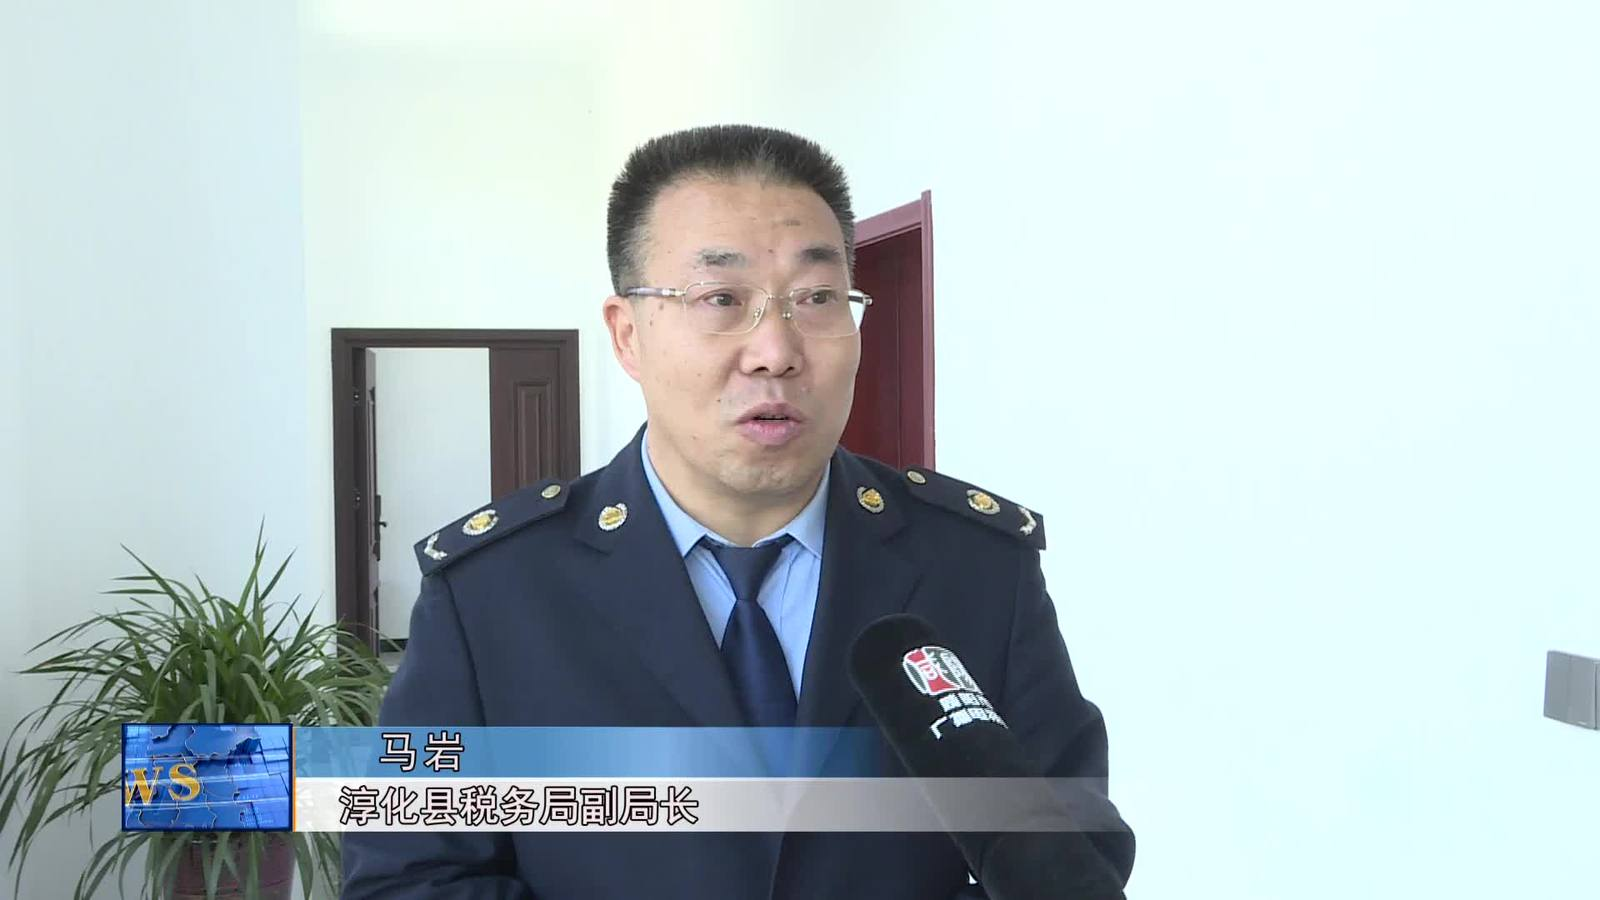 """淳化县:抓好""""五个聚焦""""  全力以赴决战收官"""